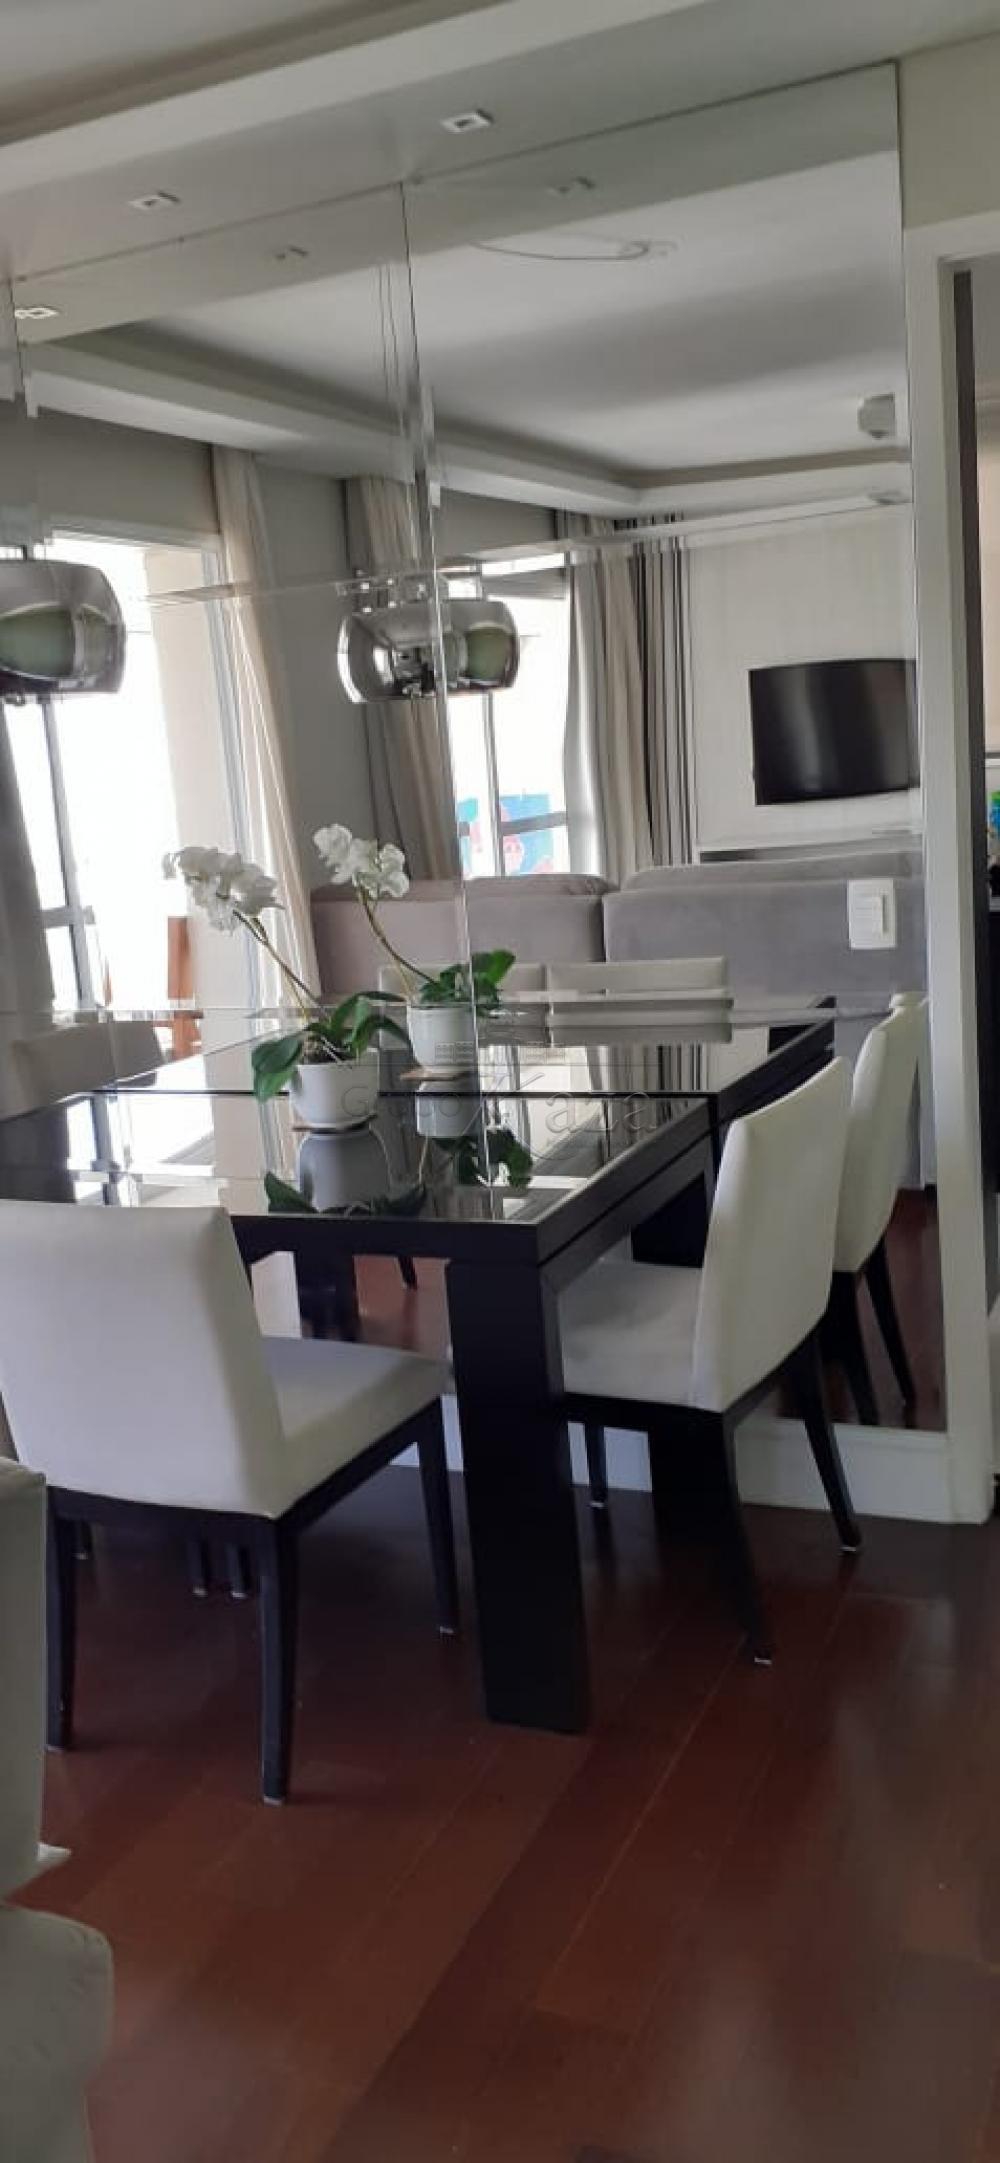 Comprar Apartamento / Padrão em São José dos Campos apenas R$ 930.000,00 - Foto 8